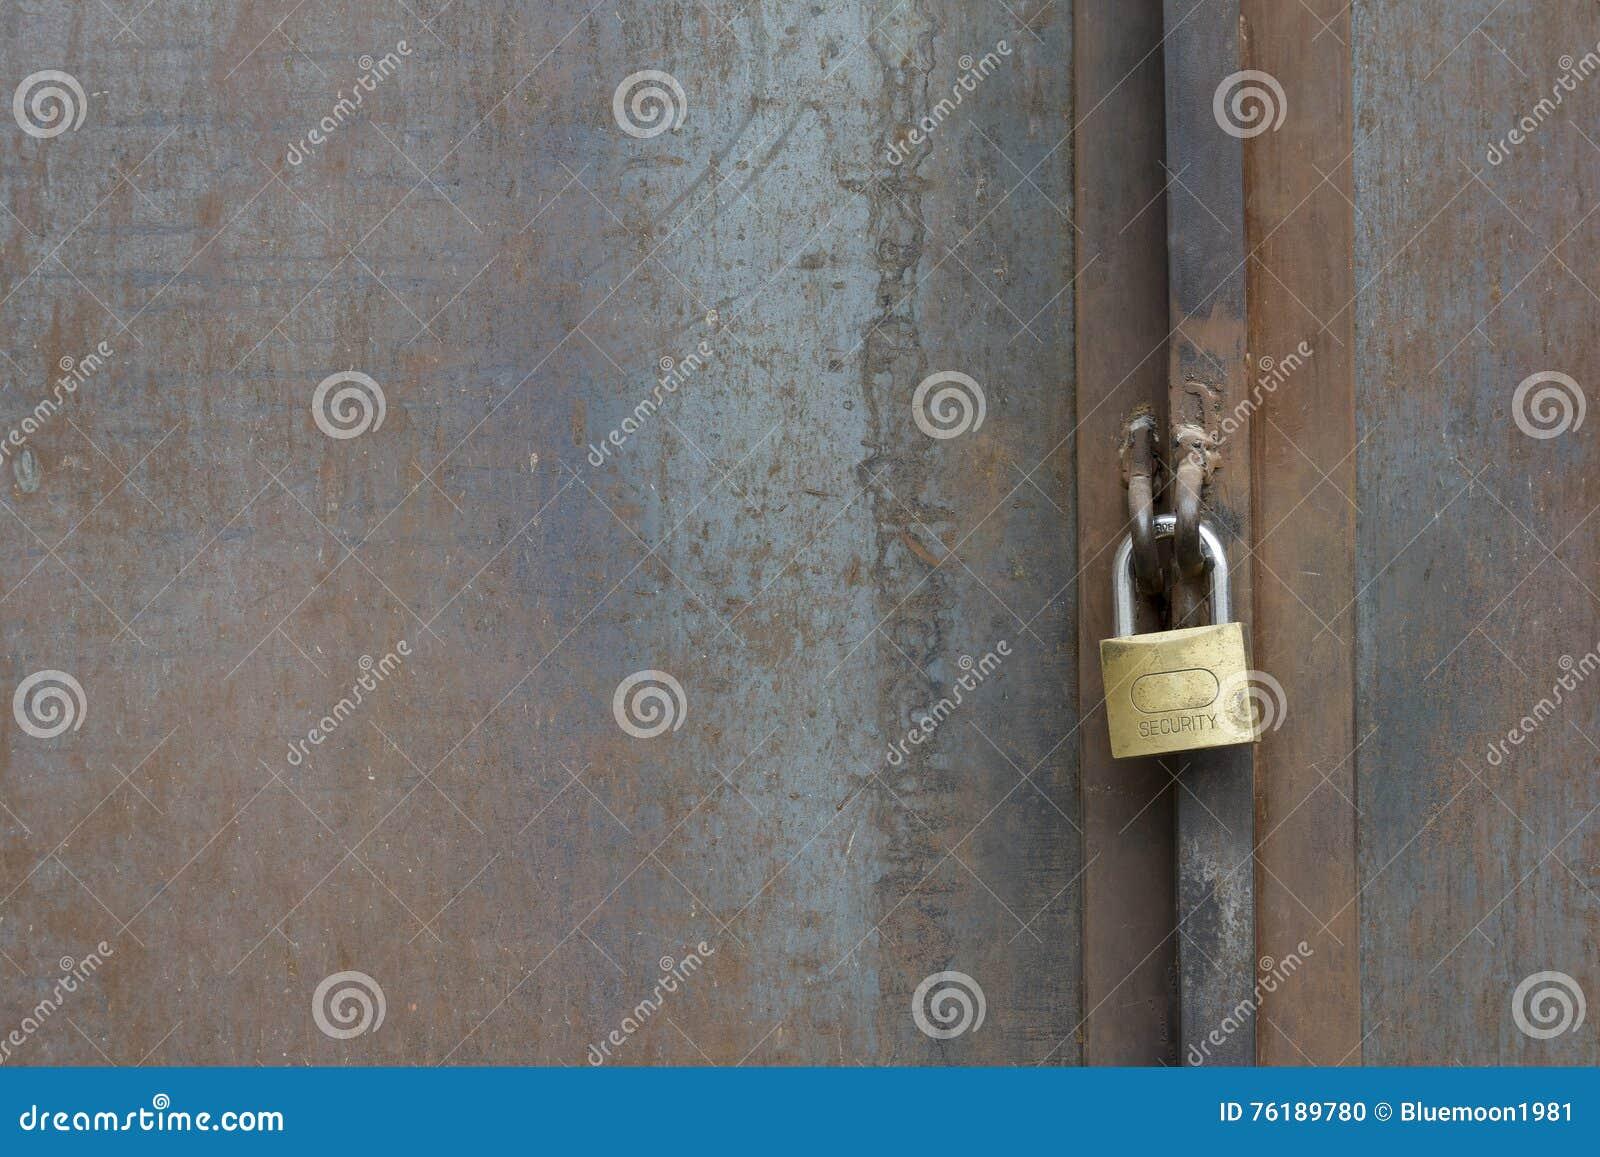 Metalltür  Sicherer Verschluss Auf Metalltür Stockfoto - Bild: 76189780